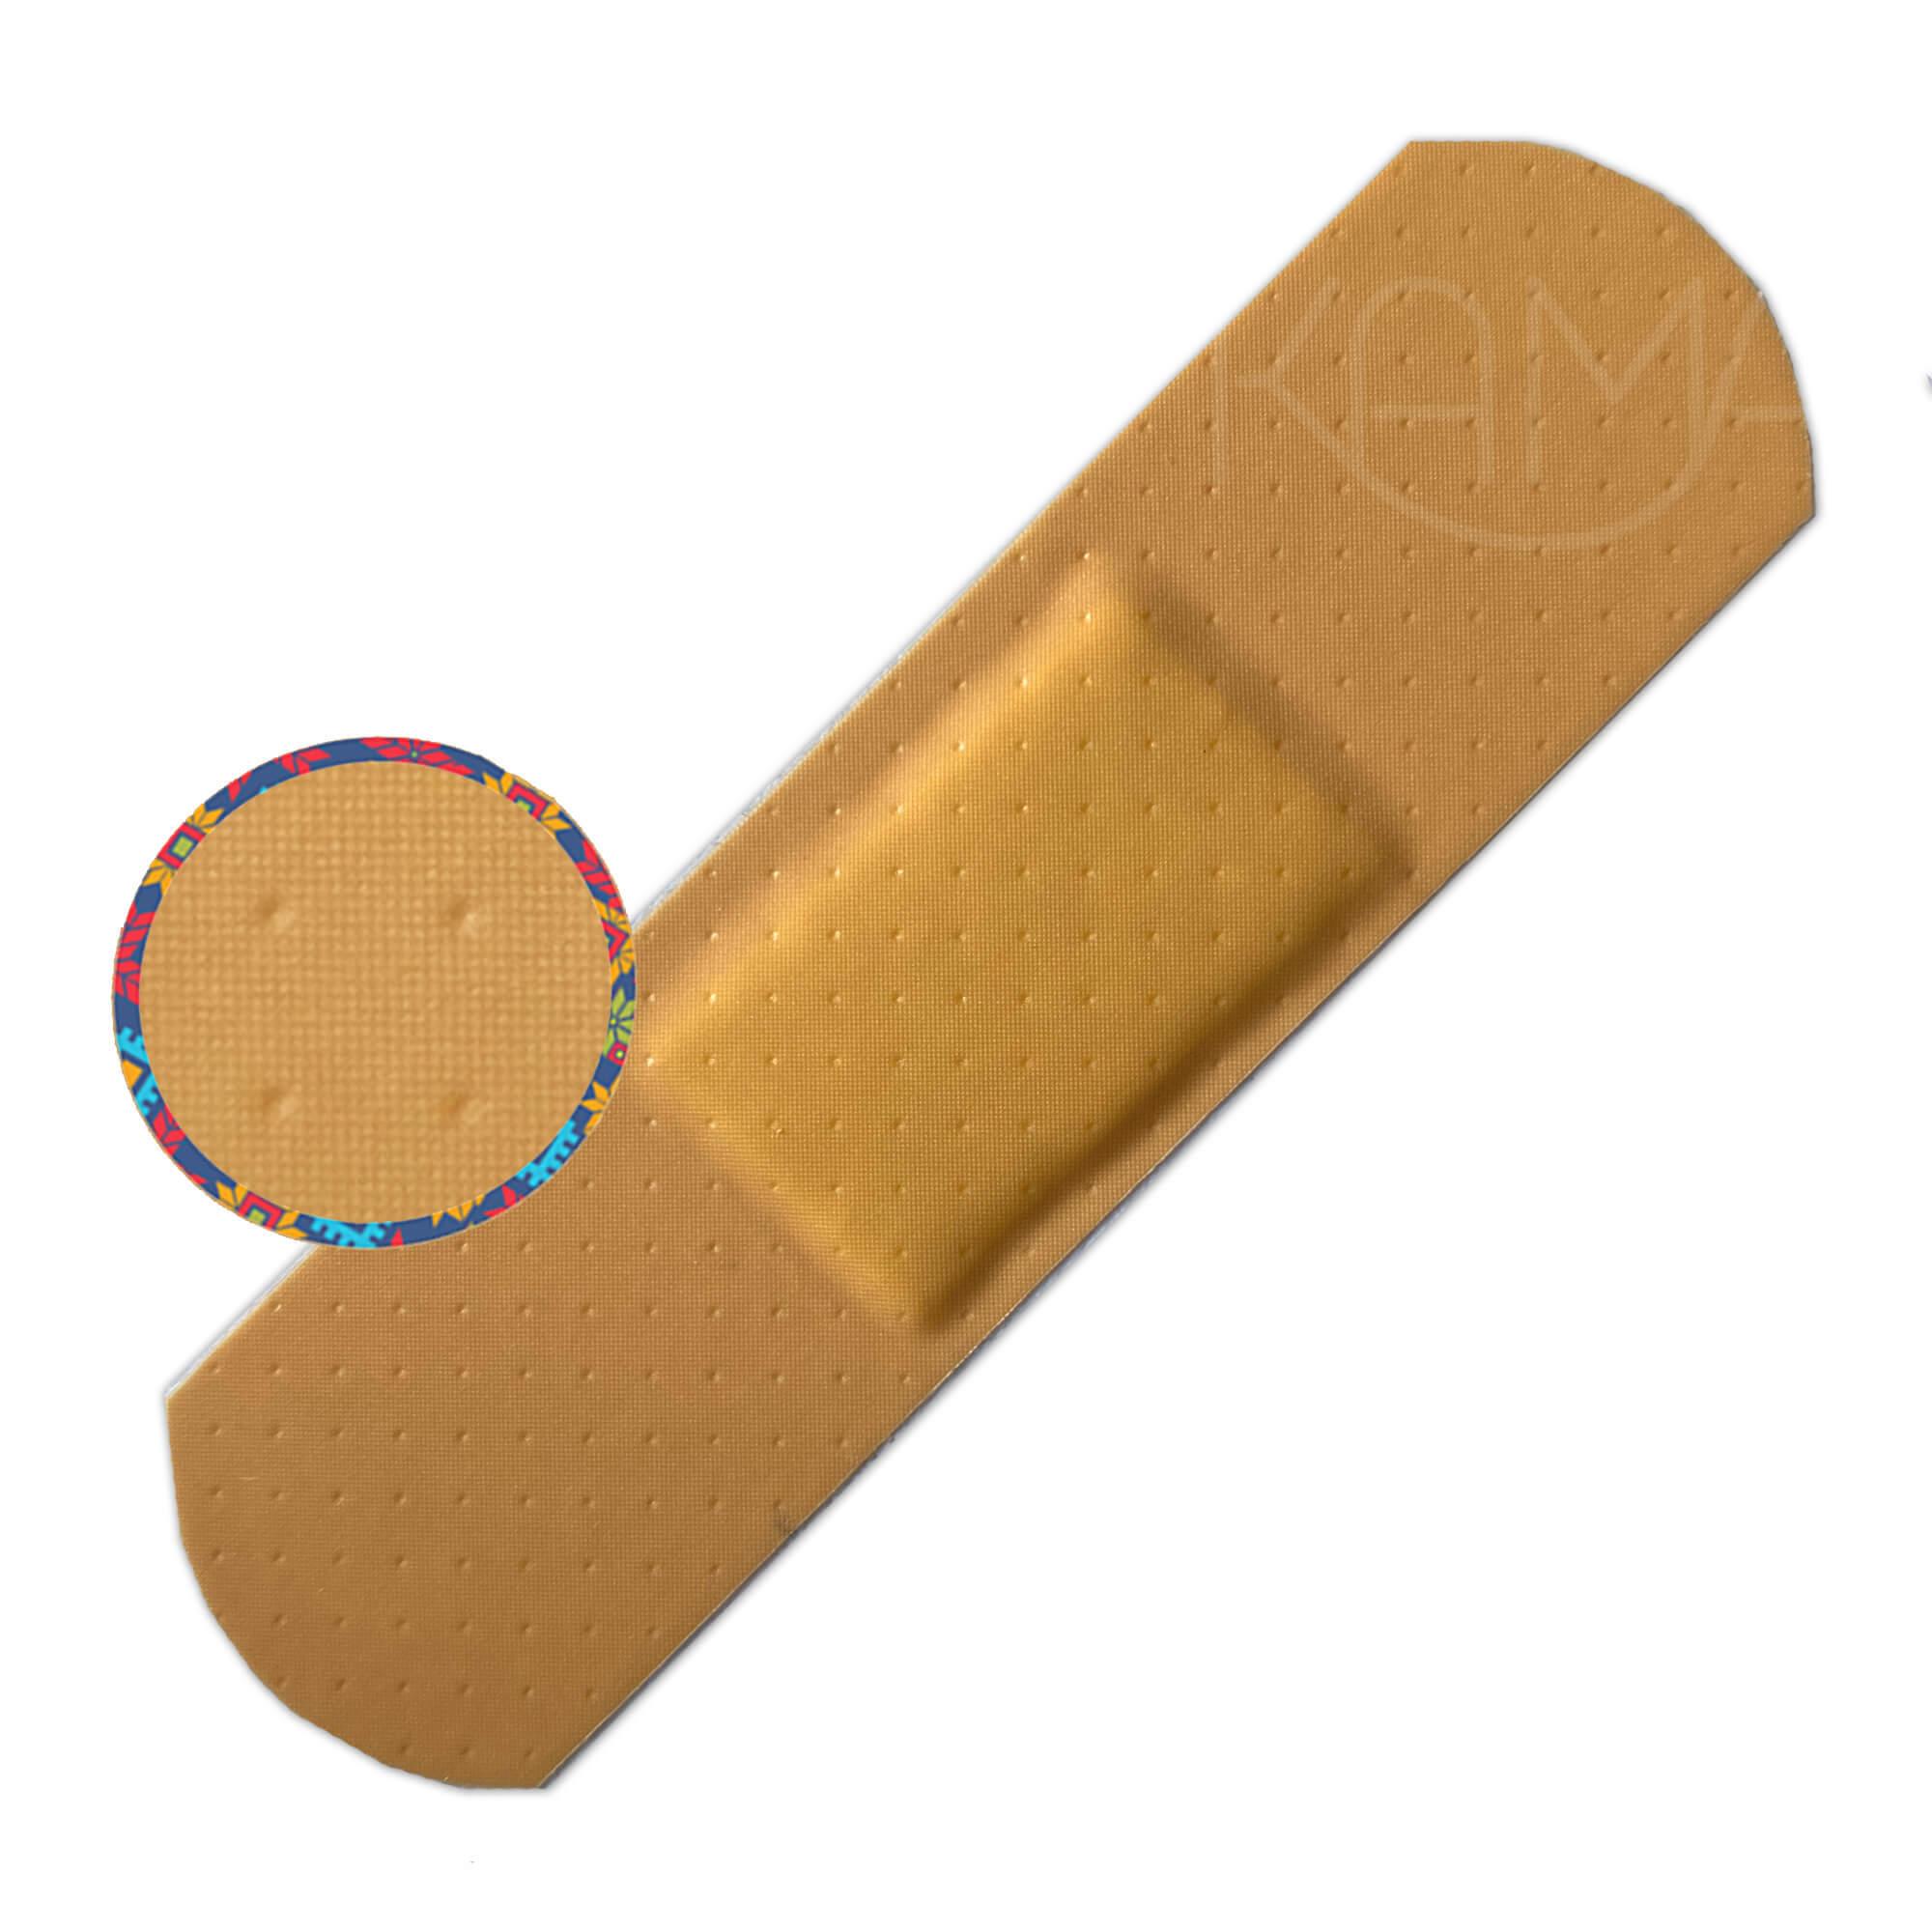 Пластырь бактерицидный на полимерной основе Стандарт Эстетик телесный 19х72 мм, №10